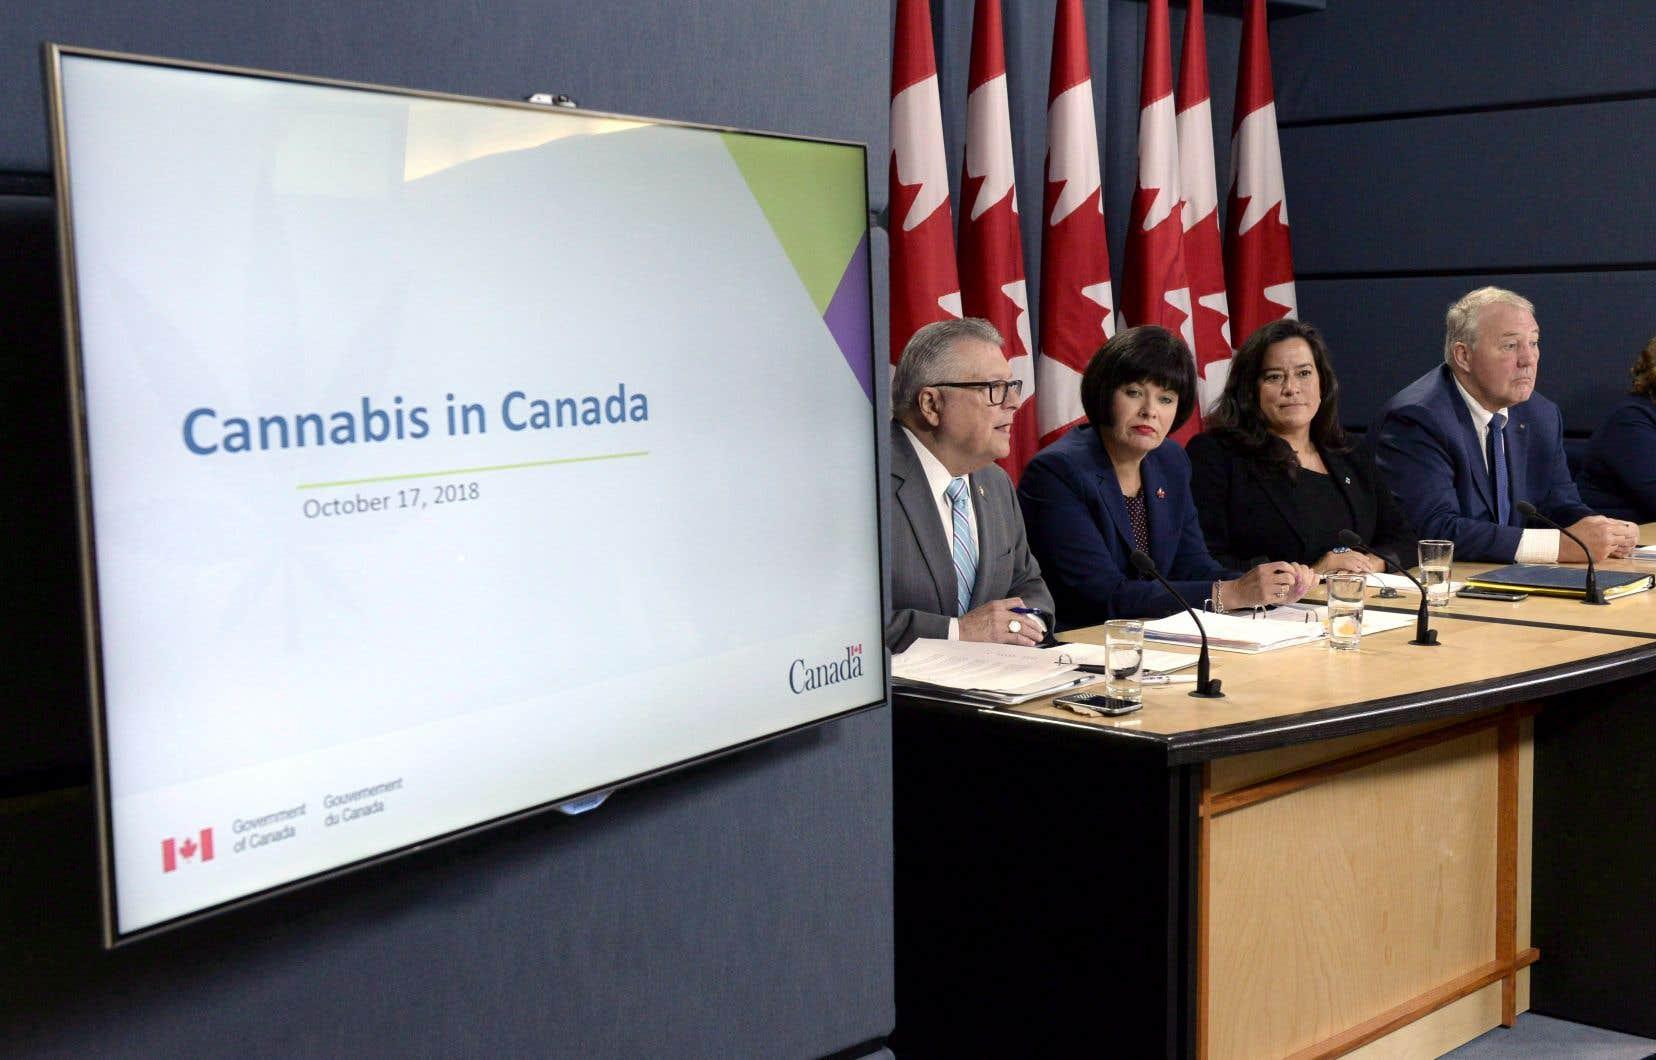 En 2018, la marijuana a été légalisée comme prévu, un projet de réglementation des produits comestibles a été proposé et Ottawa a promis de faciliter les demandes de pardon pour les personnes condamnées pour possession de cannabis dans le passé, quoique le projet de loi n'ait toujours pas été déposé.